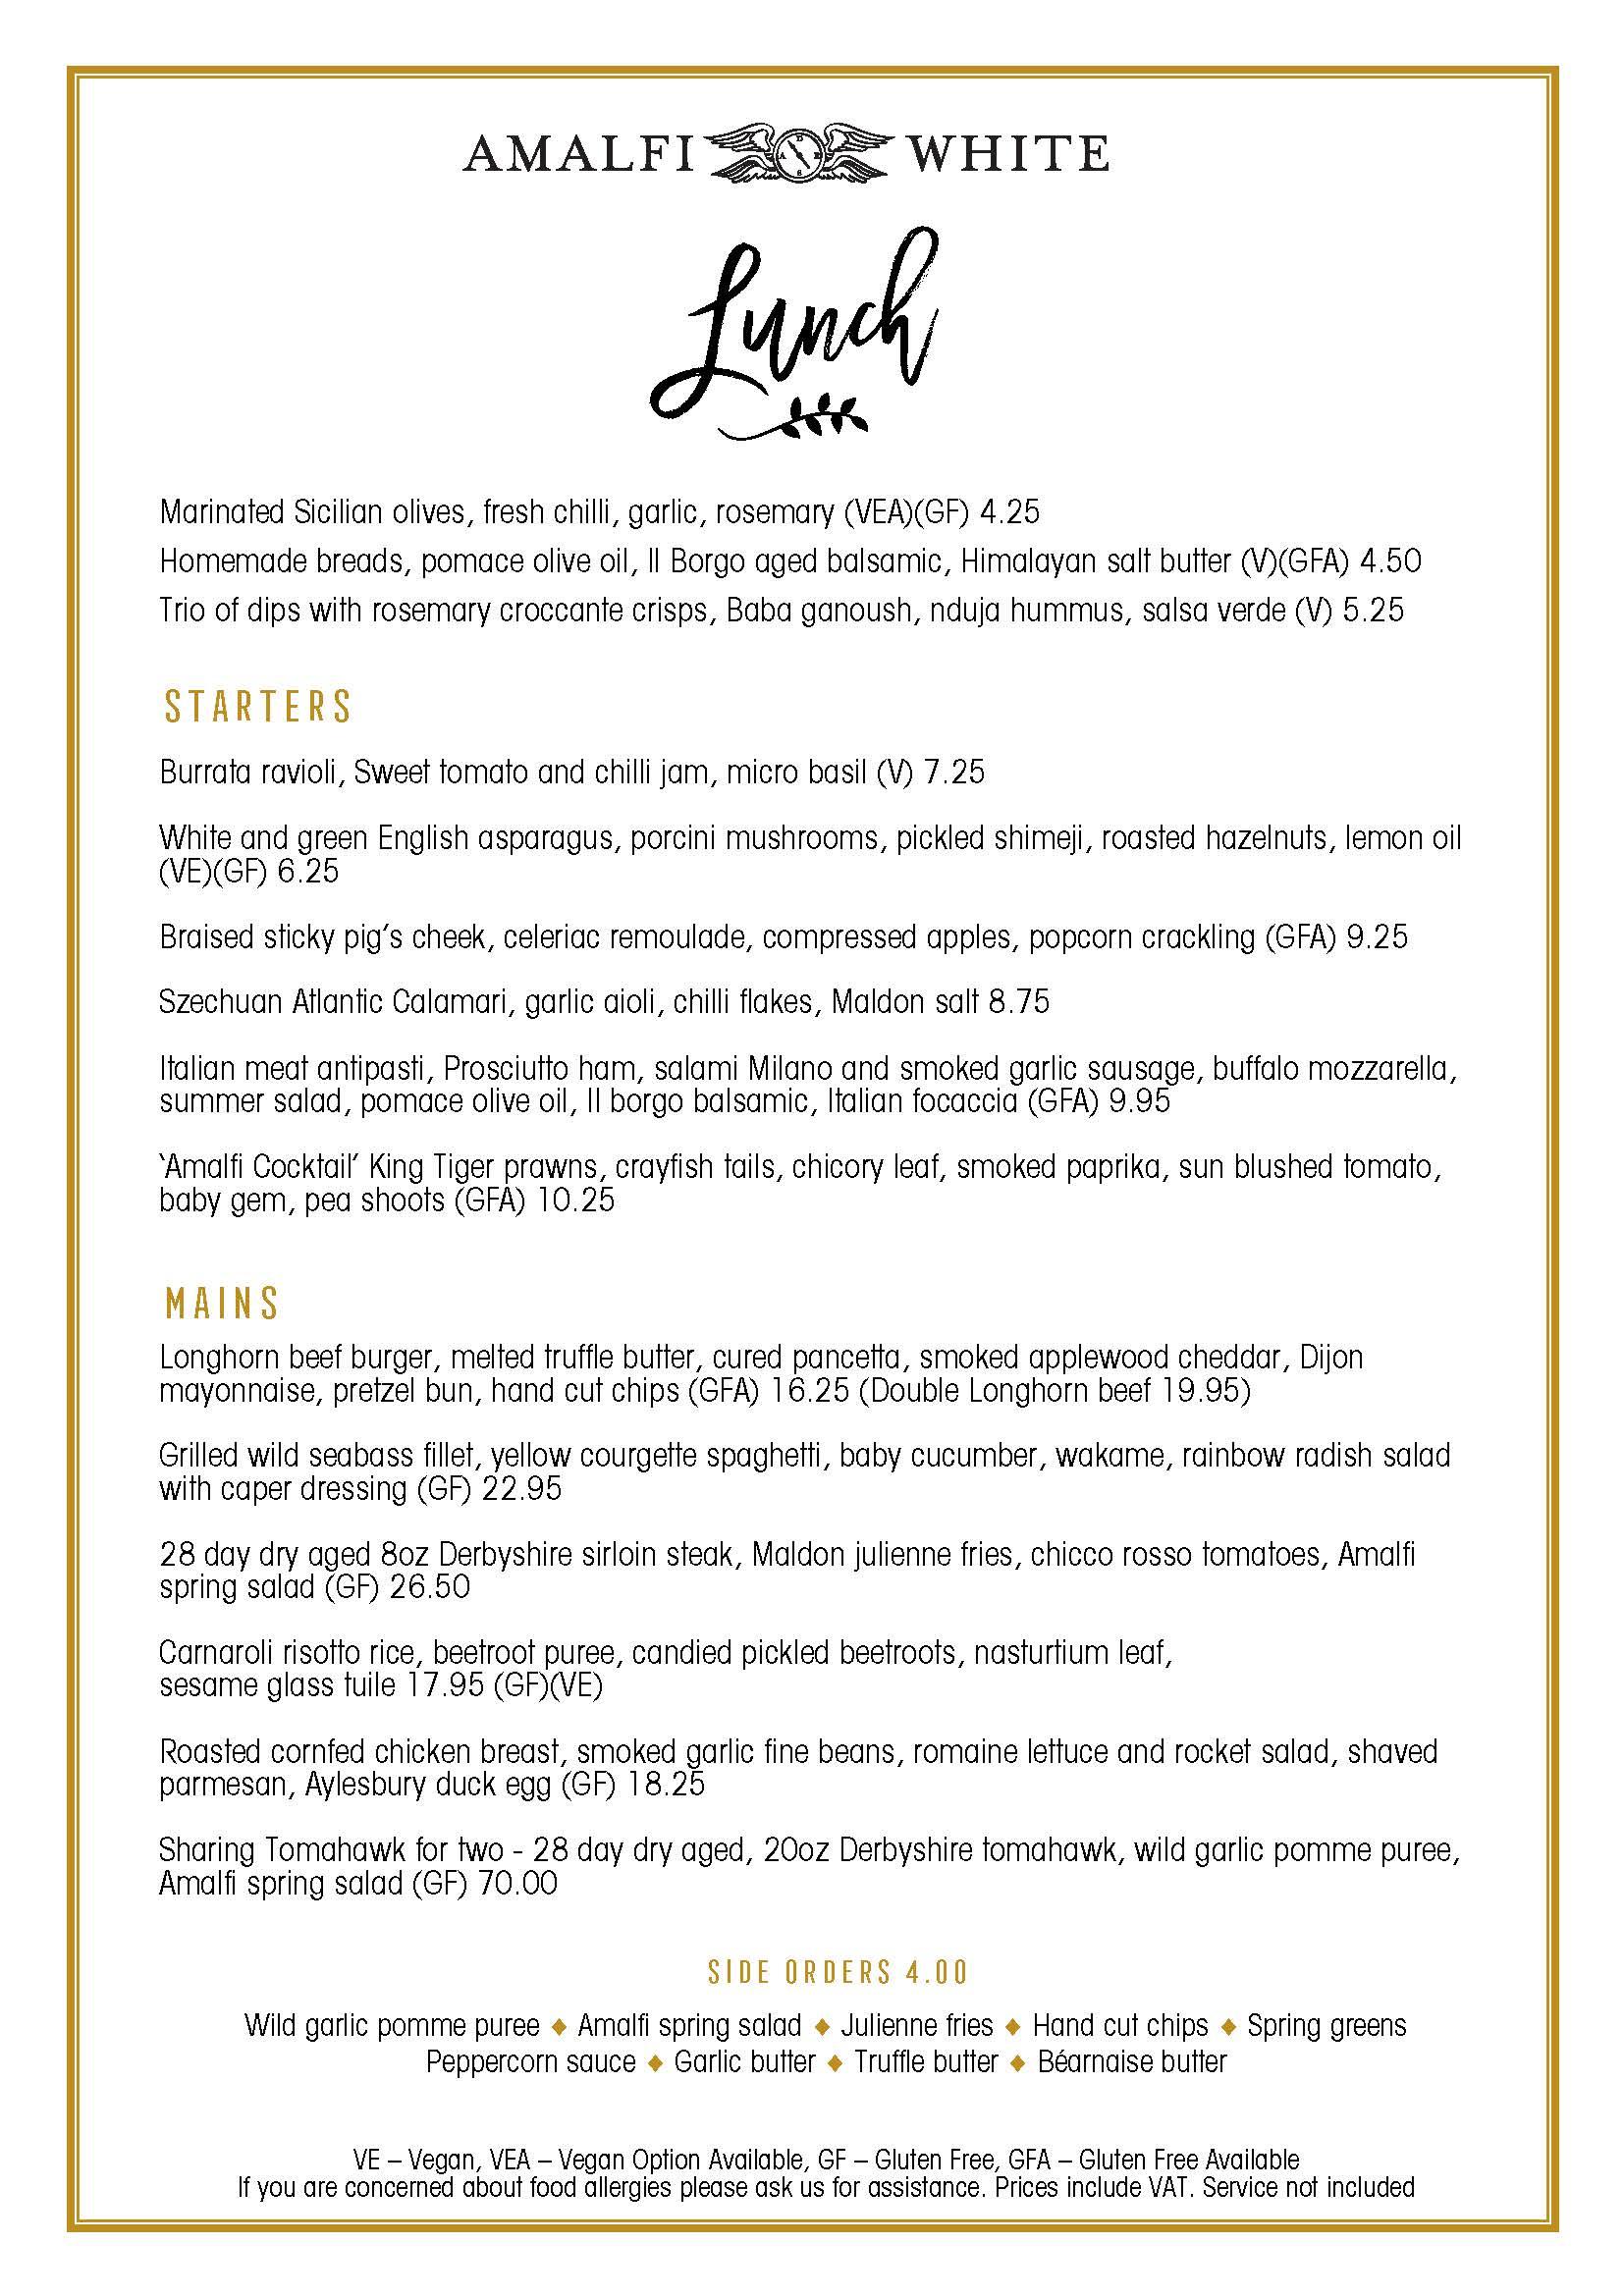 amalfi lunch menu spring 2021